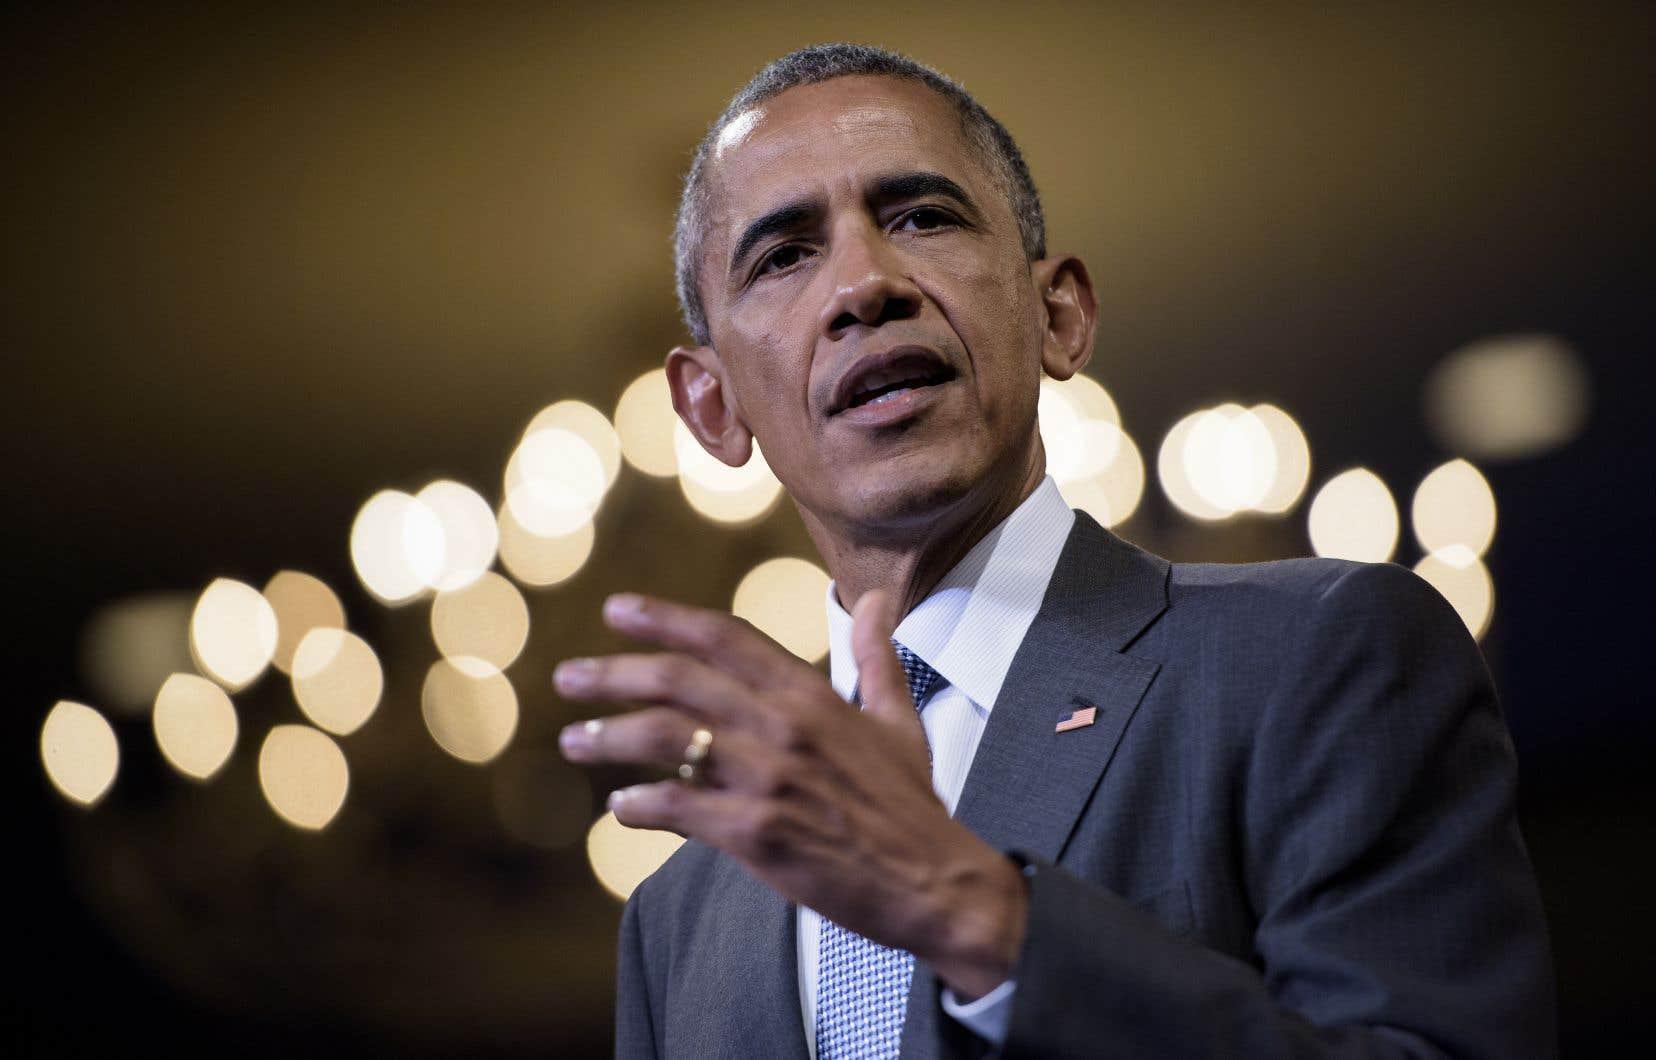 L'ancien président américain Barack Obama prononcera le discours annuel de la Fondation Mandela en Afrique du Sud le 17 juillet prochain.